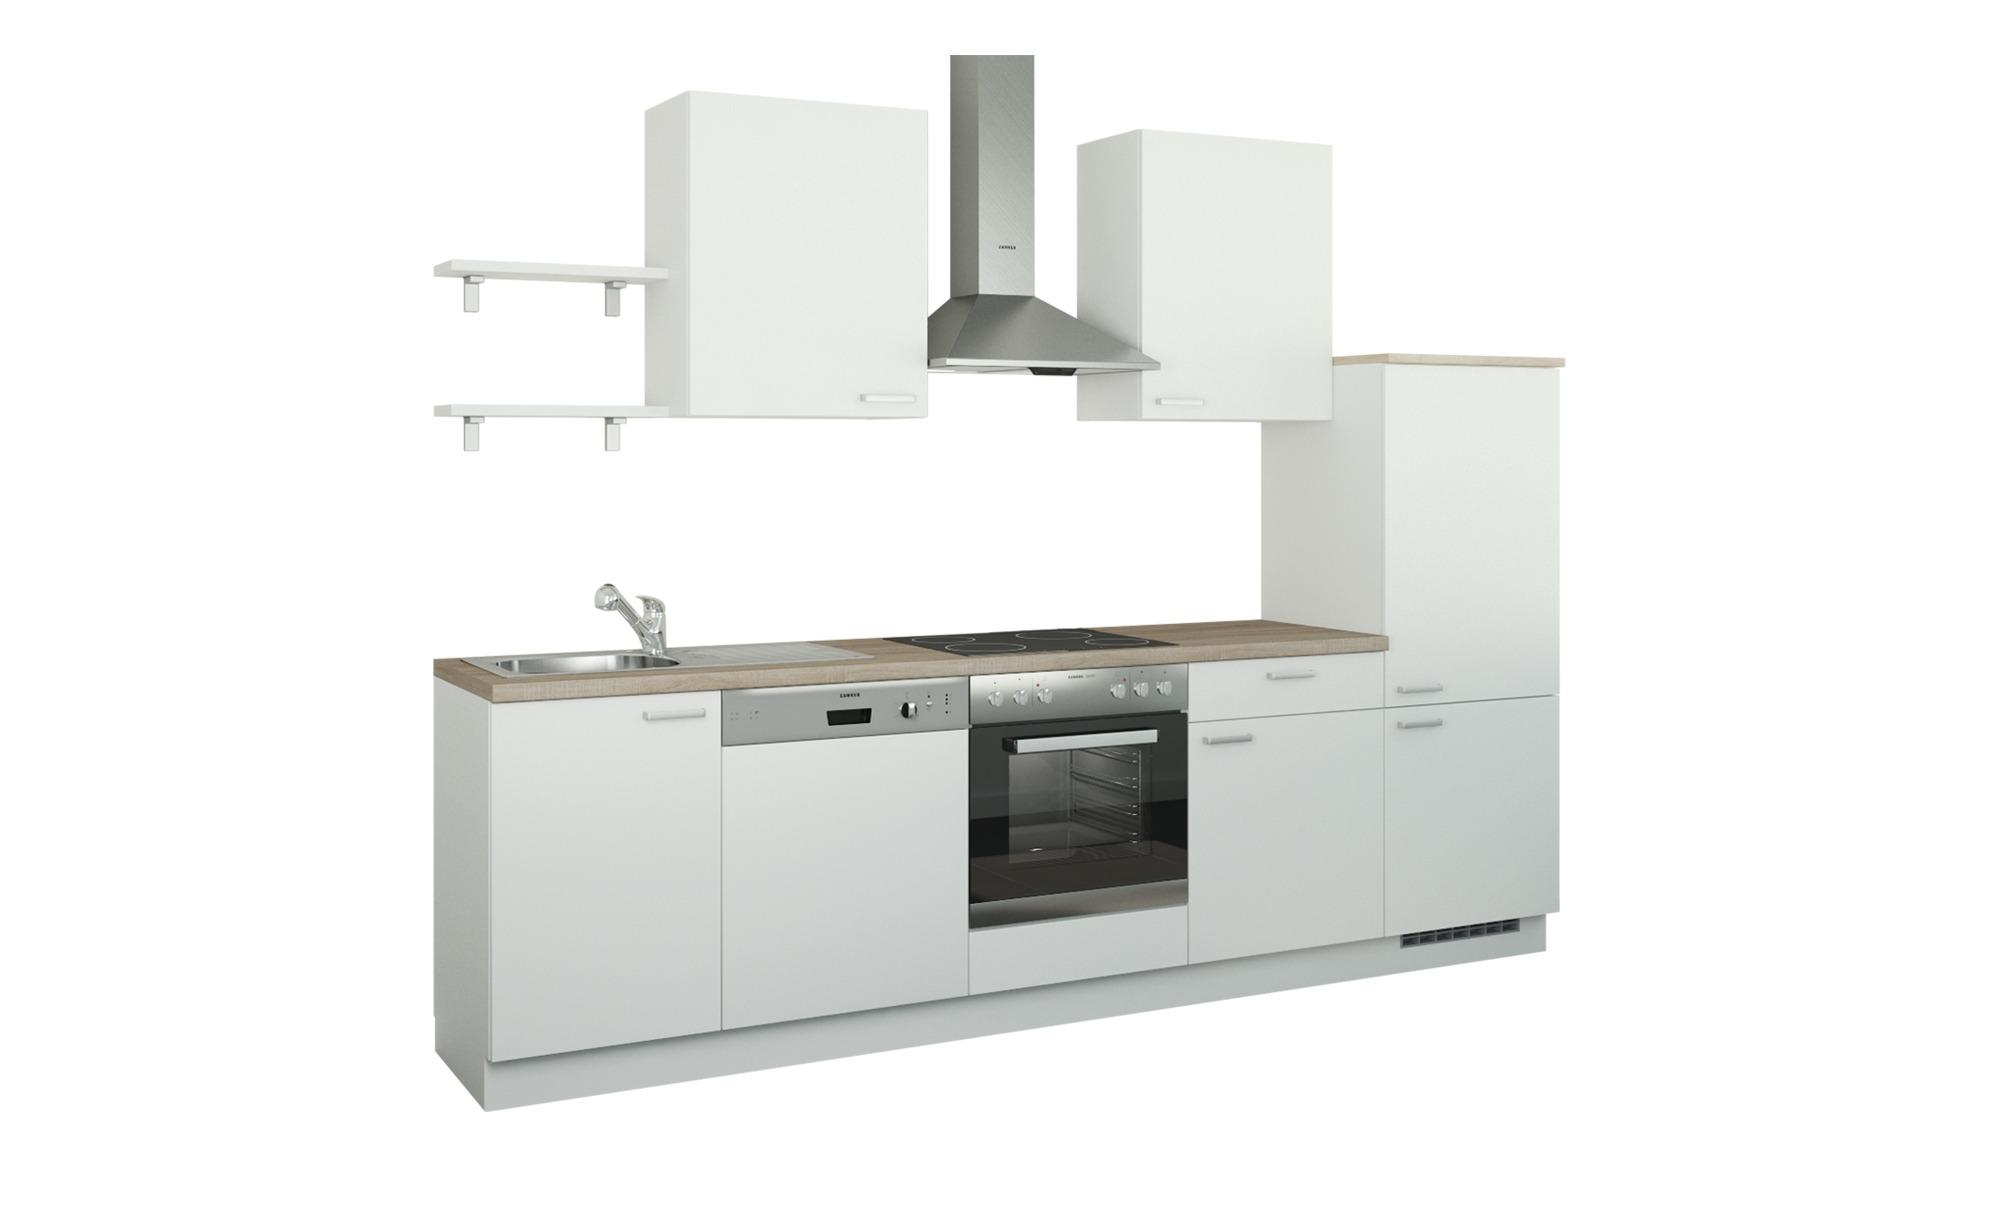 Küchenzeile ohne Elektrogeräte  Köln ¦ weiß ¦ Maße (cm): B: 290 Küchen > Küchenblöcke ohne E-Geräte - Höffner | Küche und Esszimmer > Küchen | Möbel Höffner DE